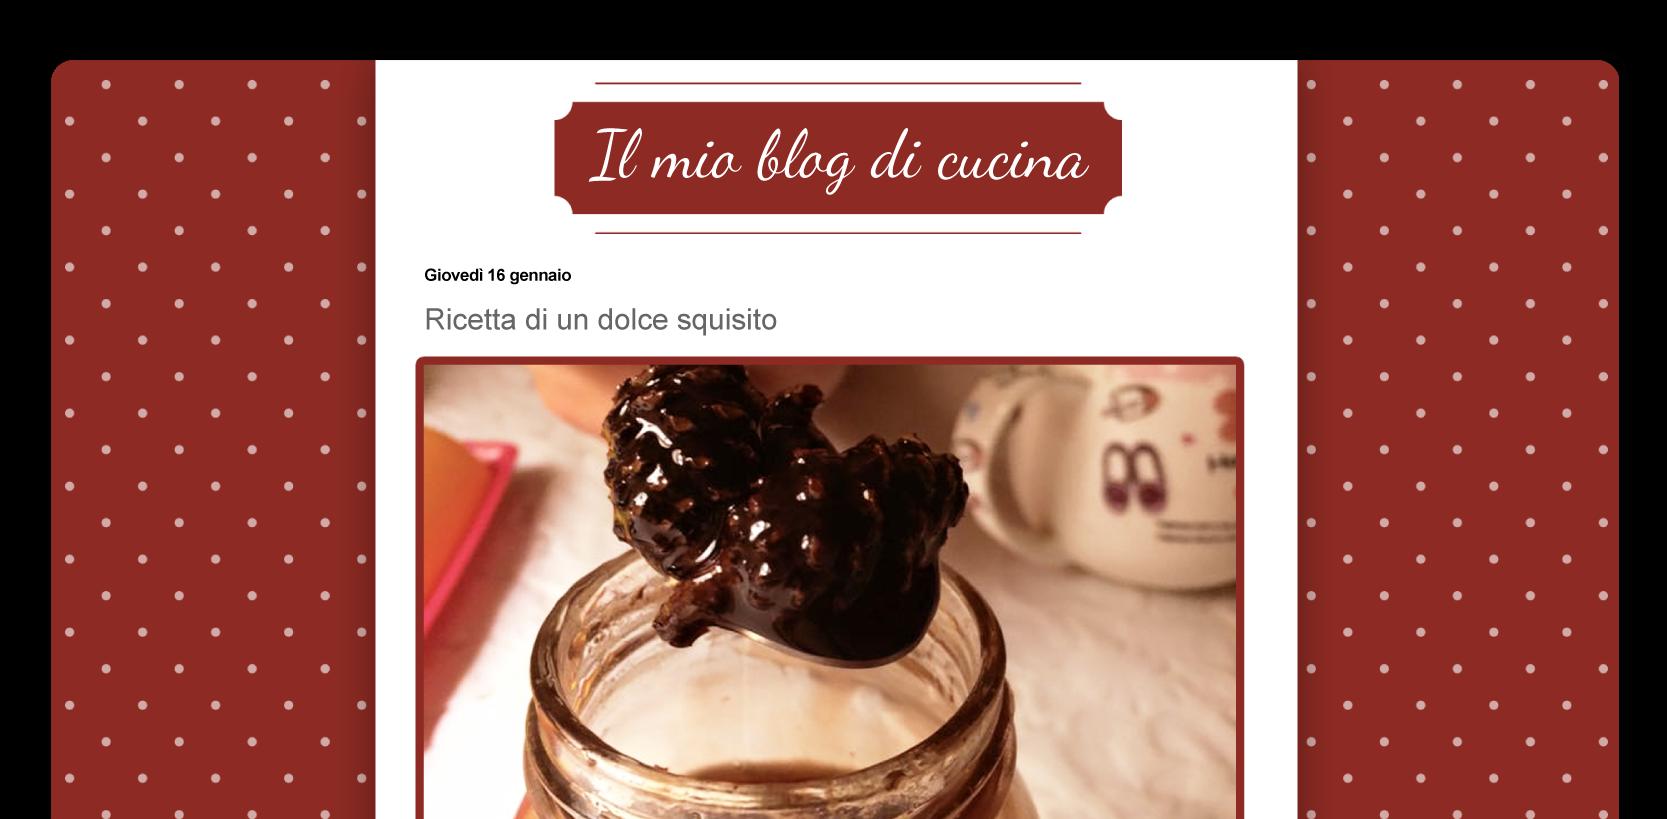 blogger.com - crea un blog accattivante e originale. È facile e ... - Creare Un Blog Di Cucina